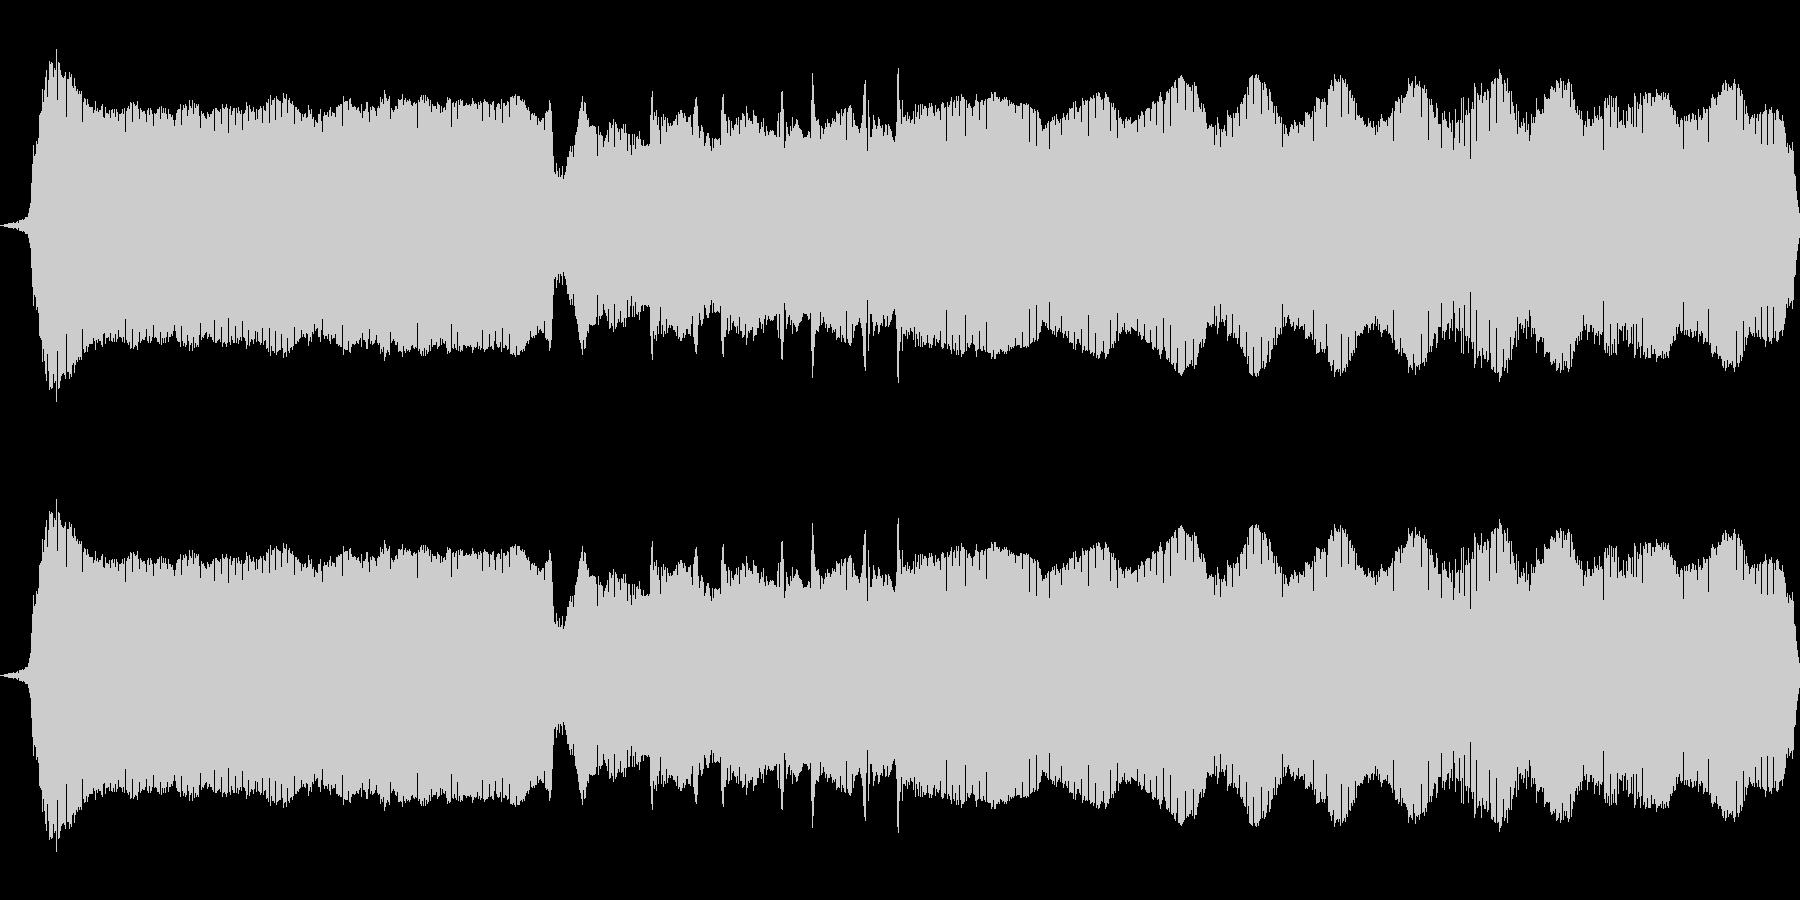 こぶし01(E)の未再生の波形